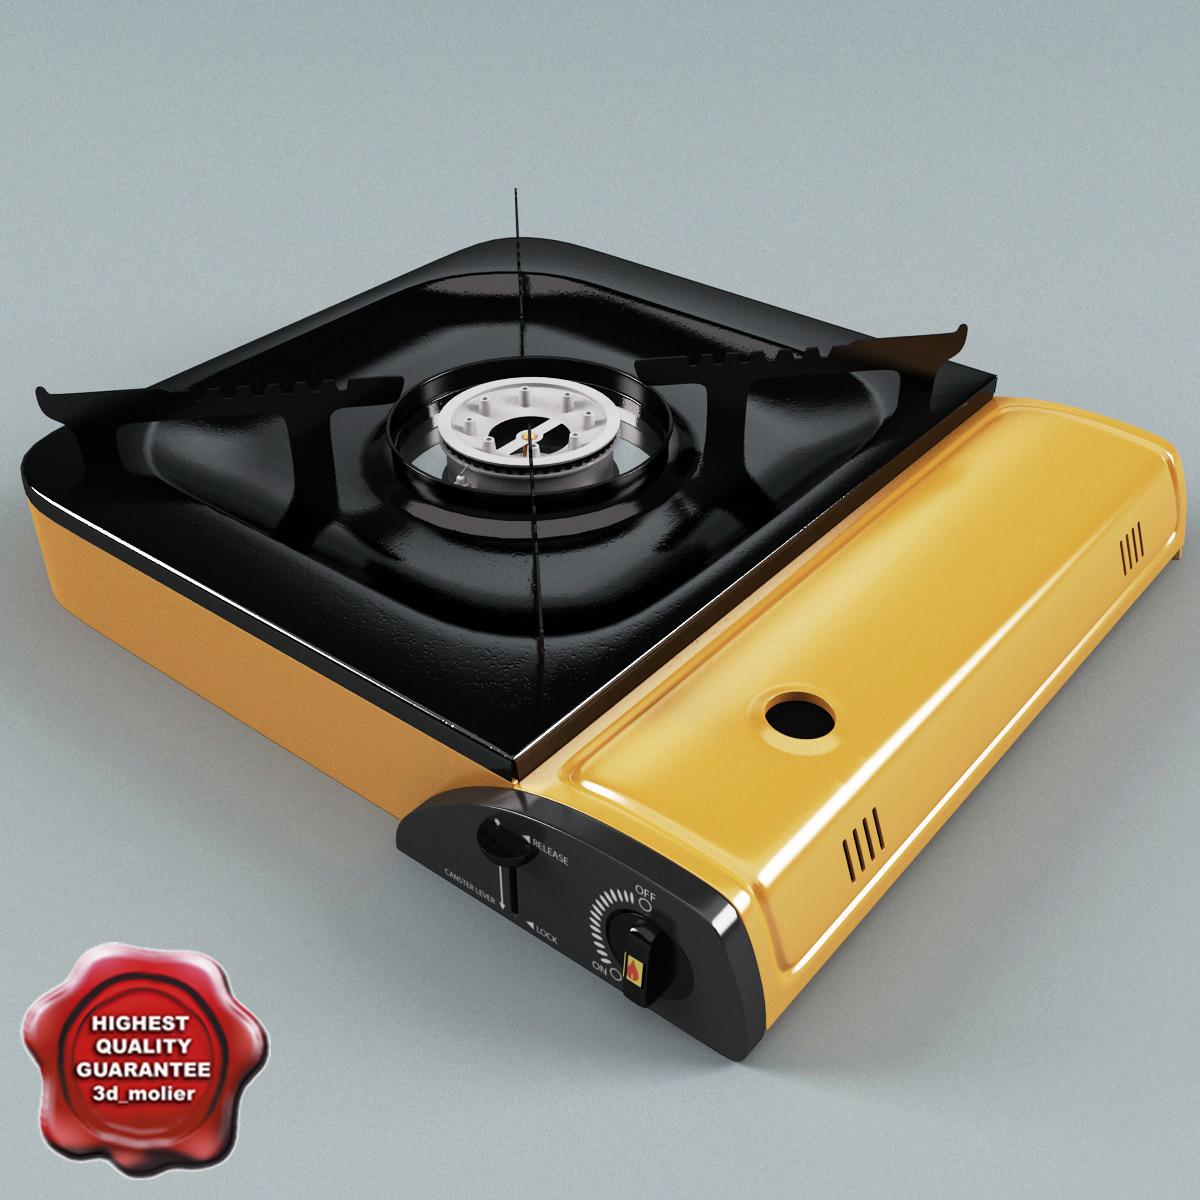 Portable_Gas_Stove_00.jpg